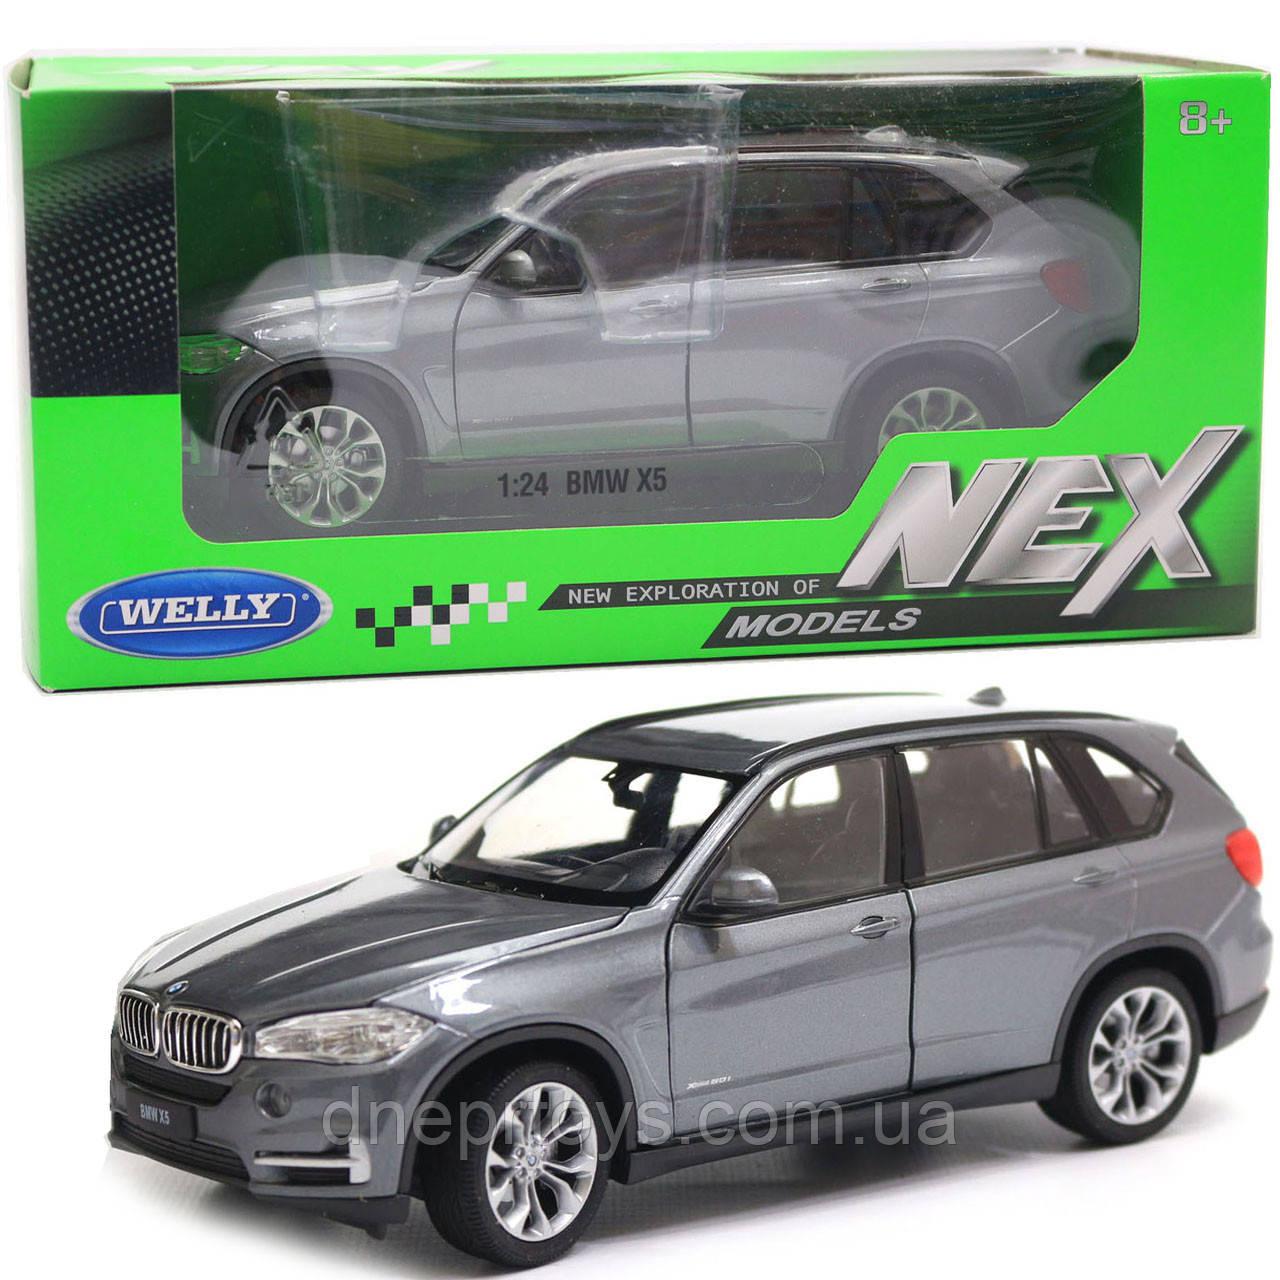 Игрушечная машинка Welly Nex «Країна Іграшок» БМВ x5, серый, 18 см (24052W)